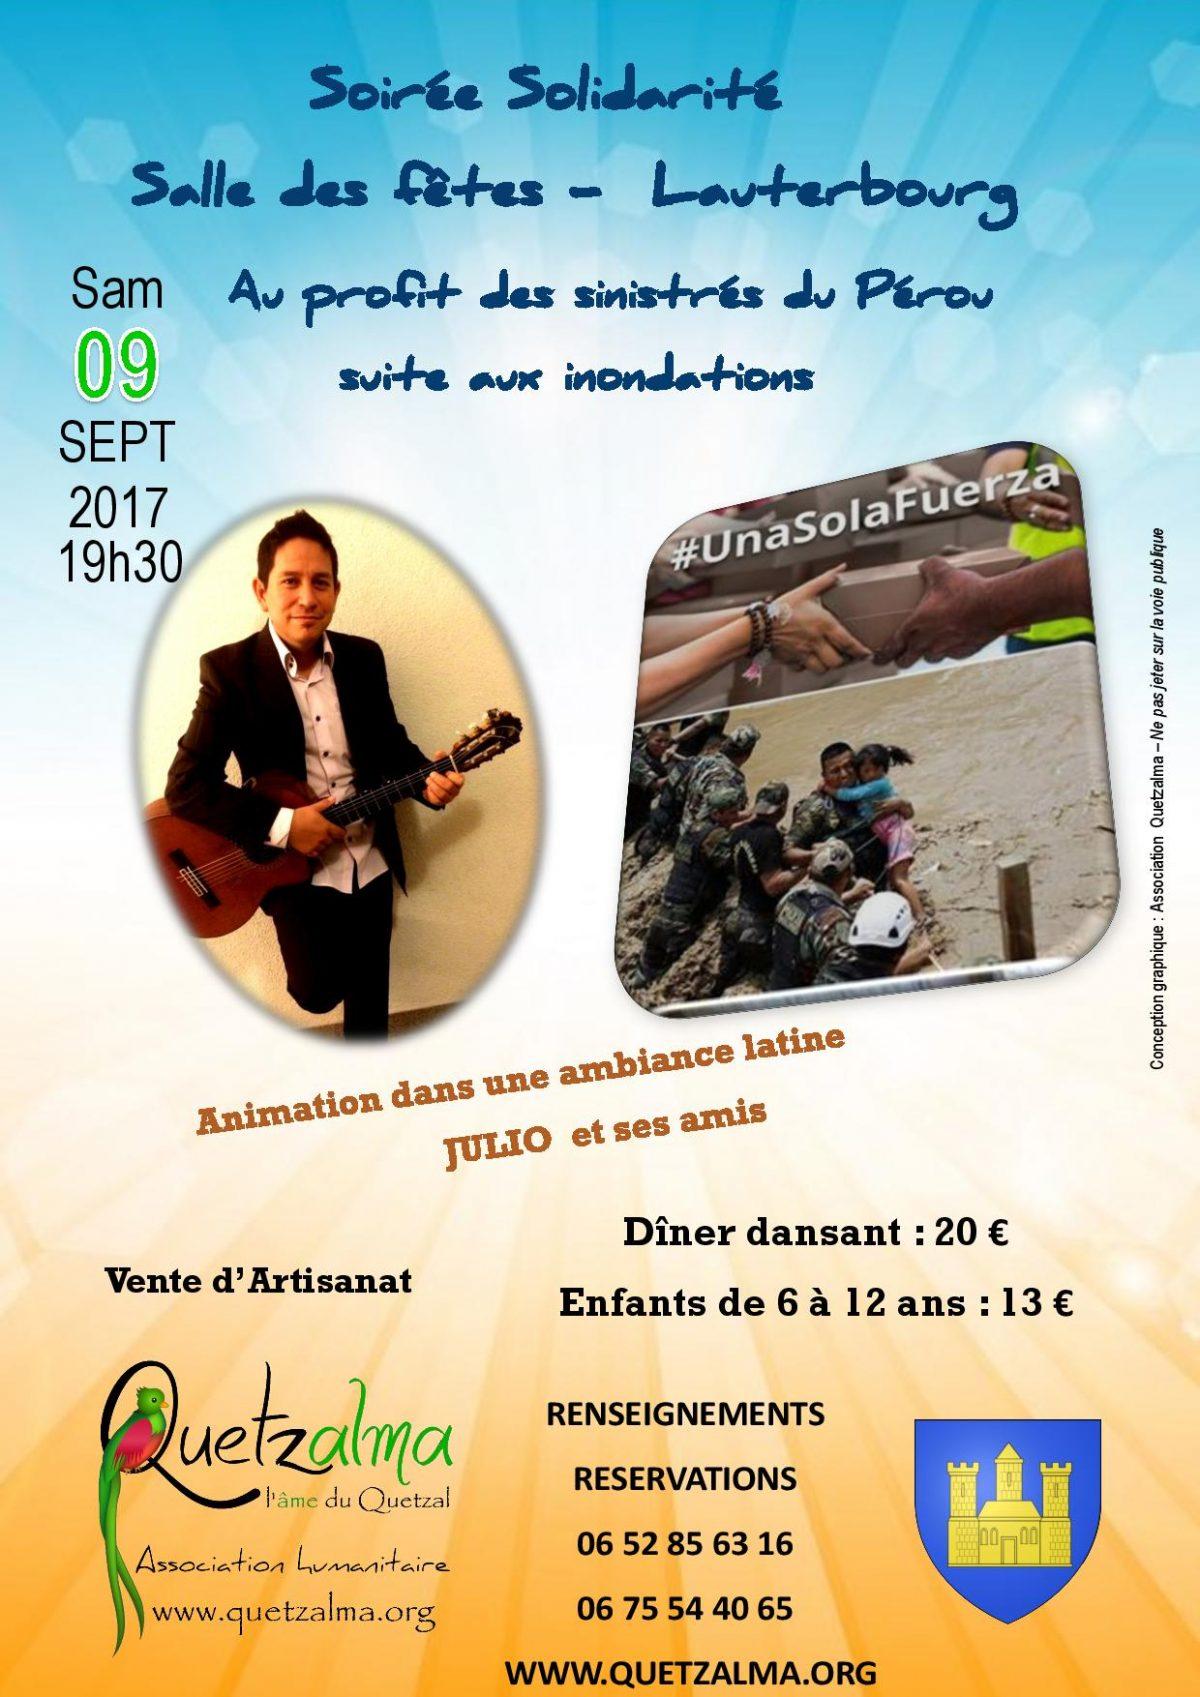 Soirée solidarité Salle des fêtes - Lauterbourg au profit des sinistres du Perou suite aux inondations